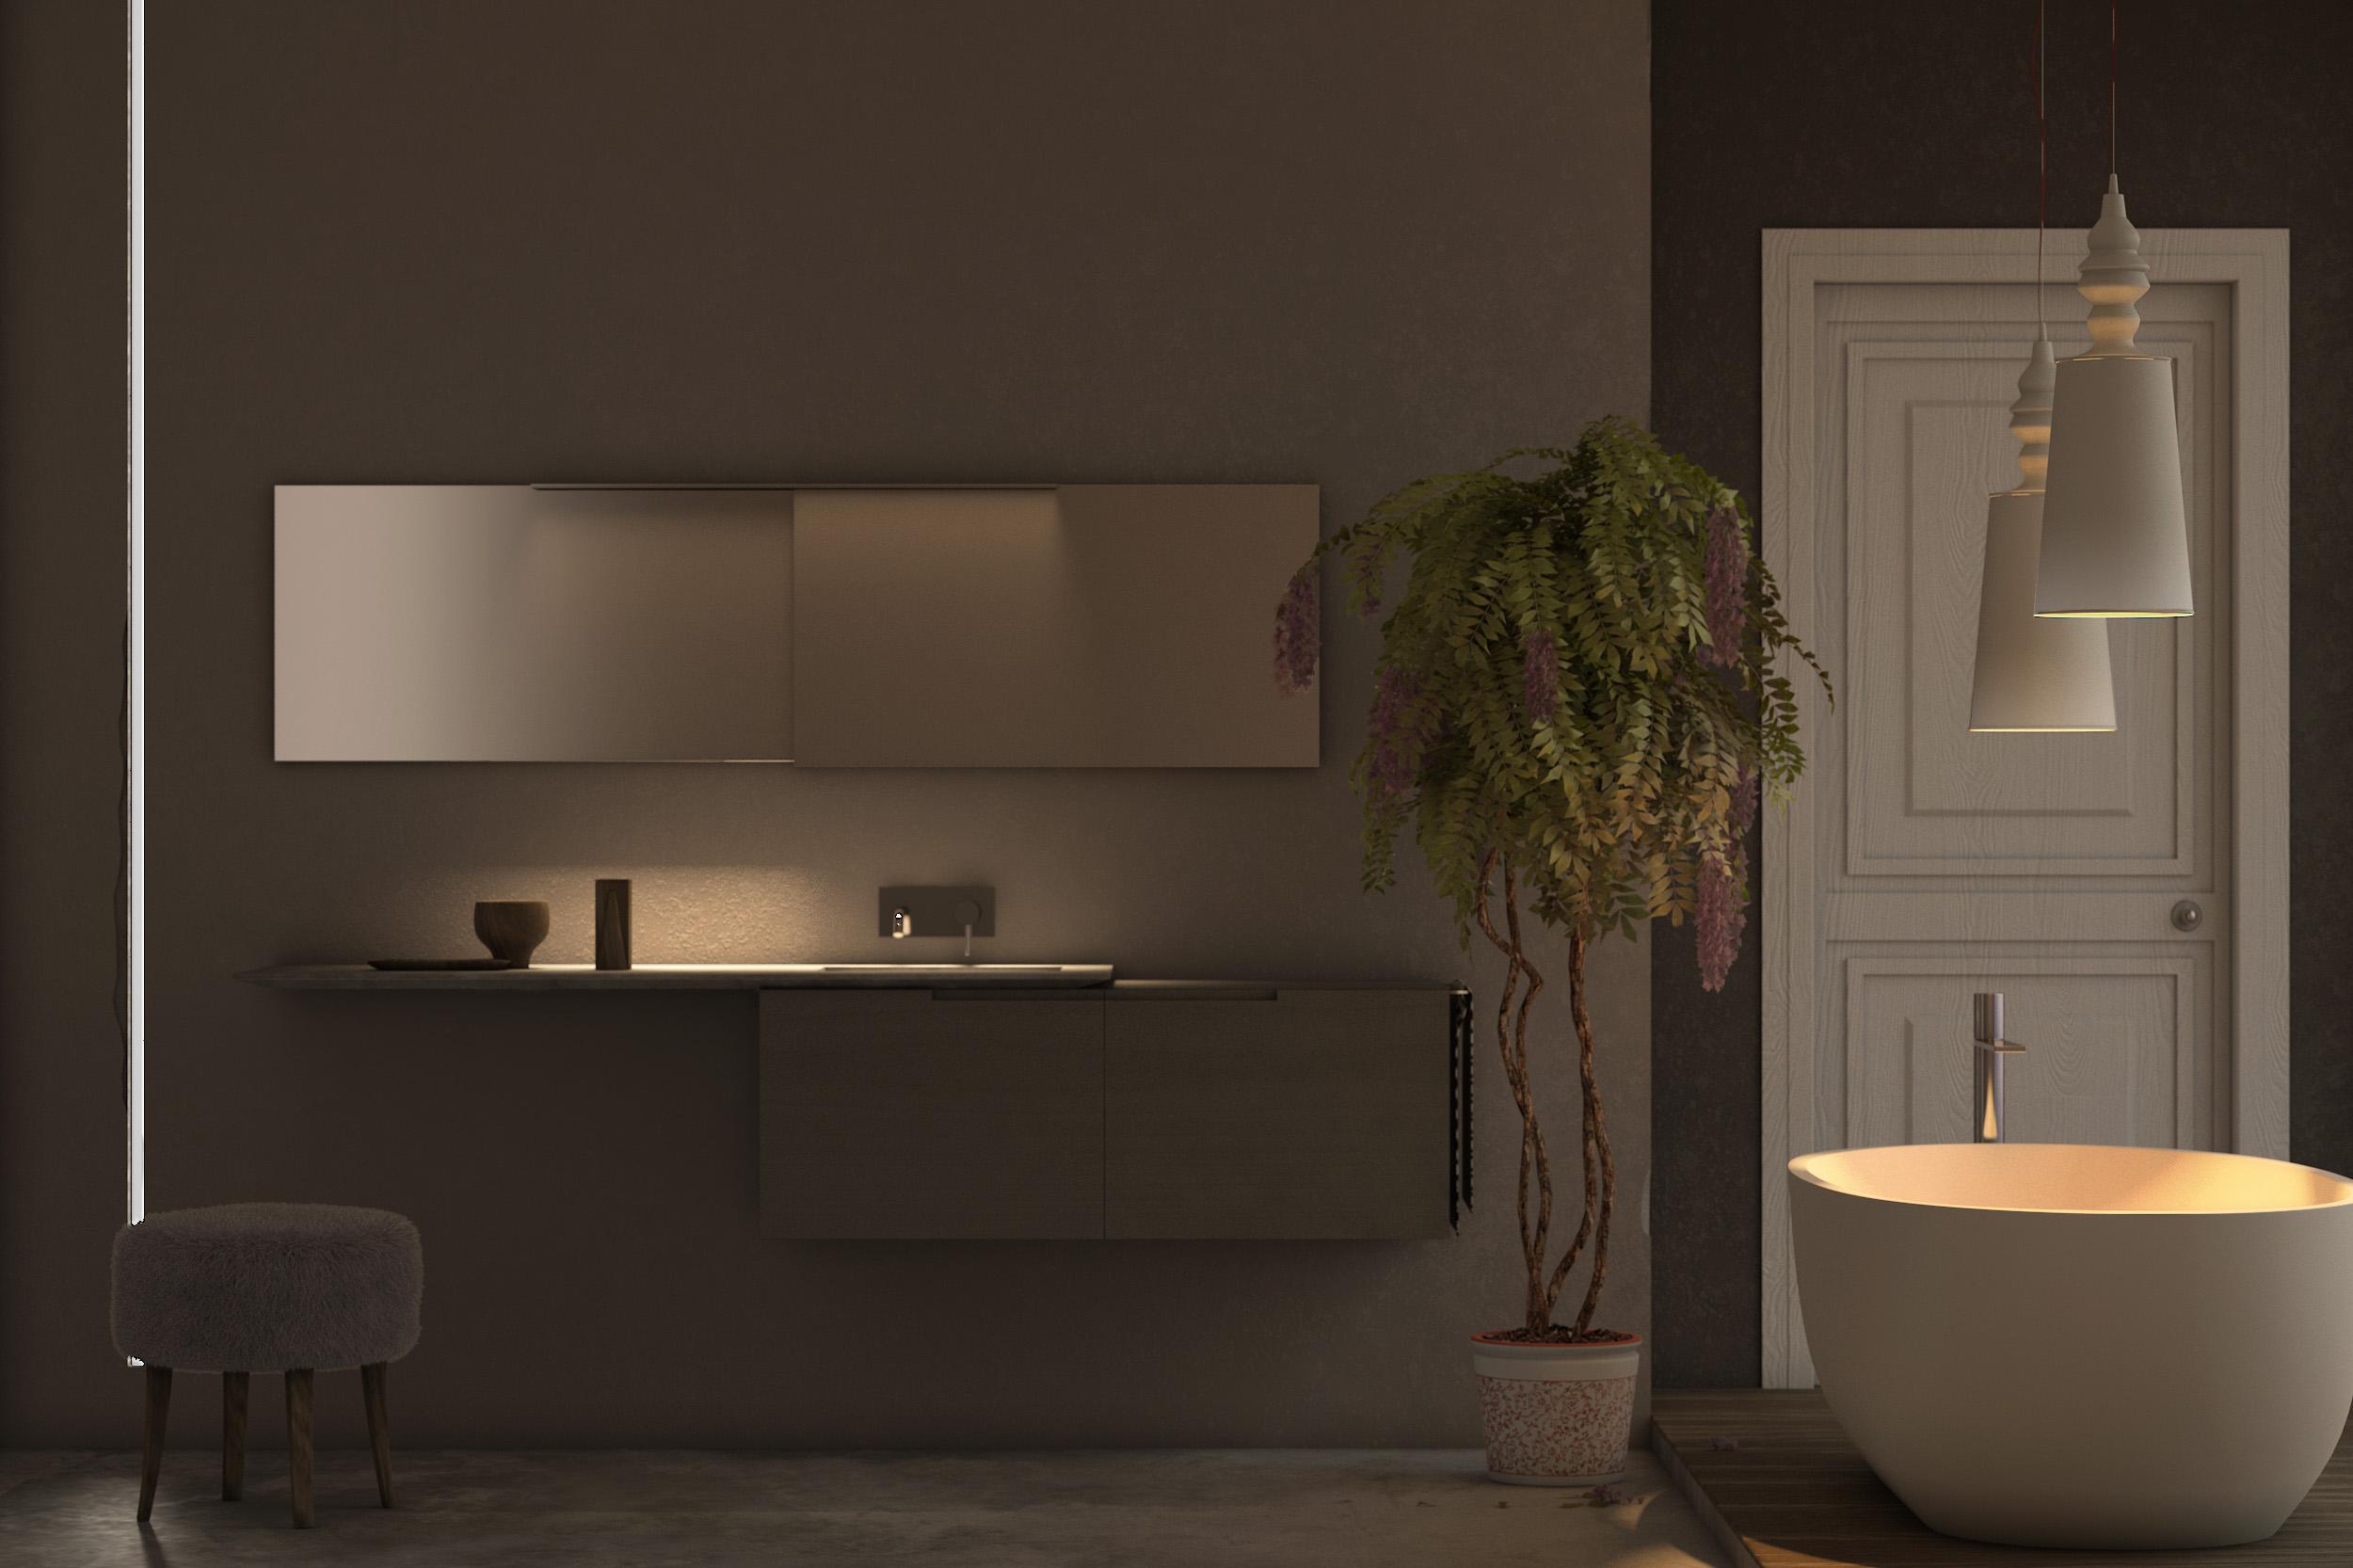 Prova illuminazione hdri [final] architettura e interior design